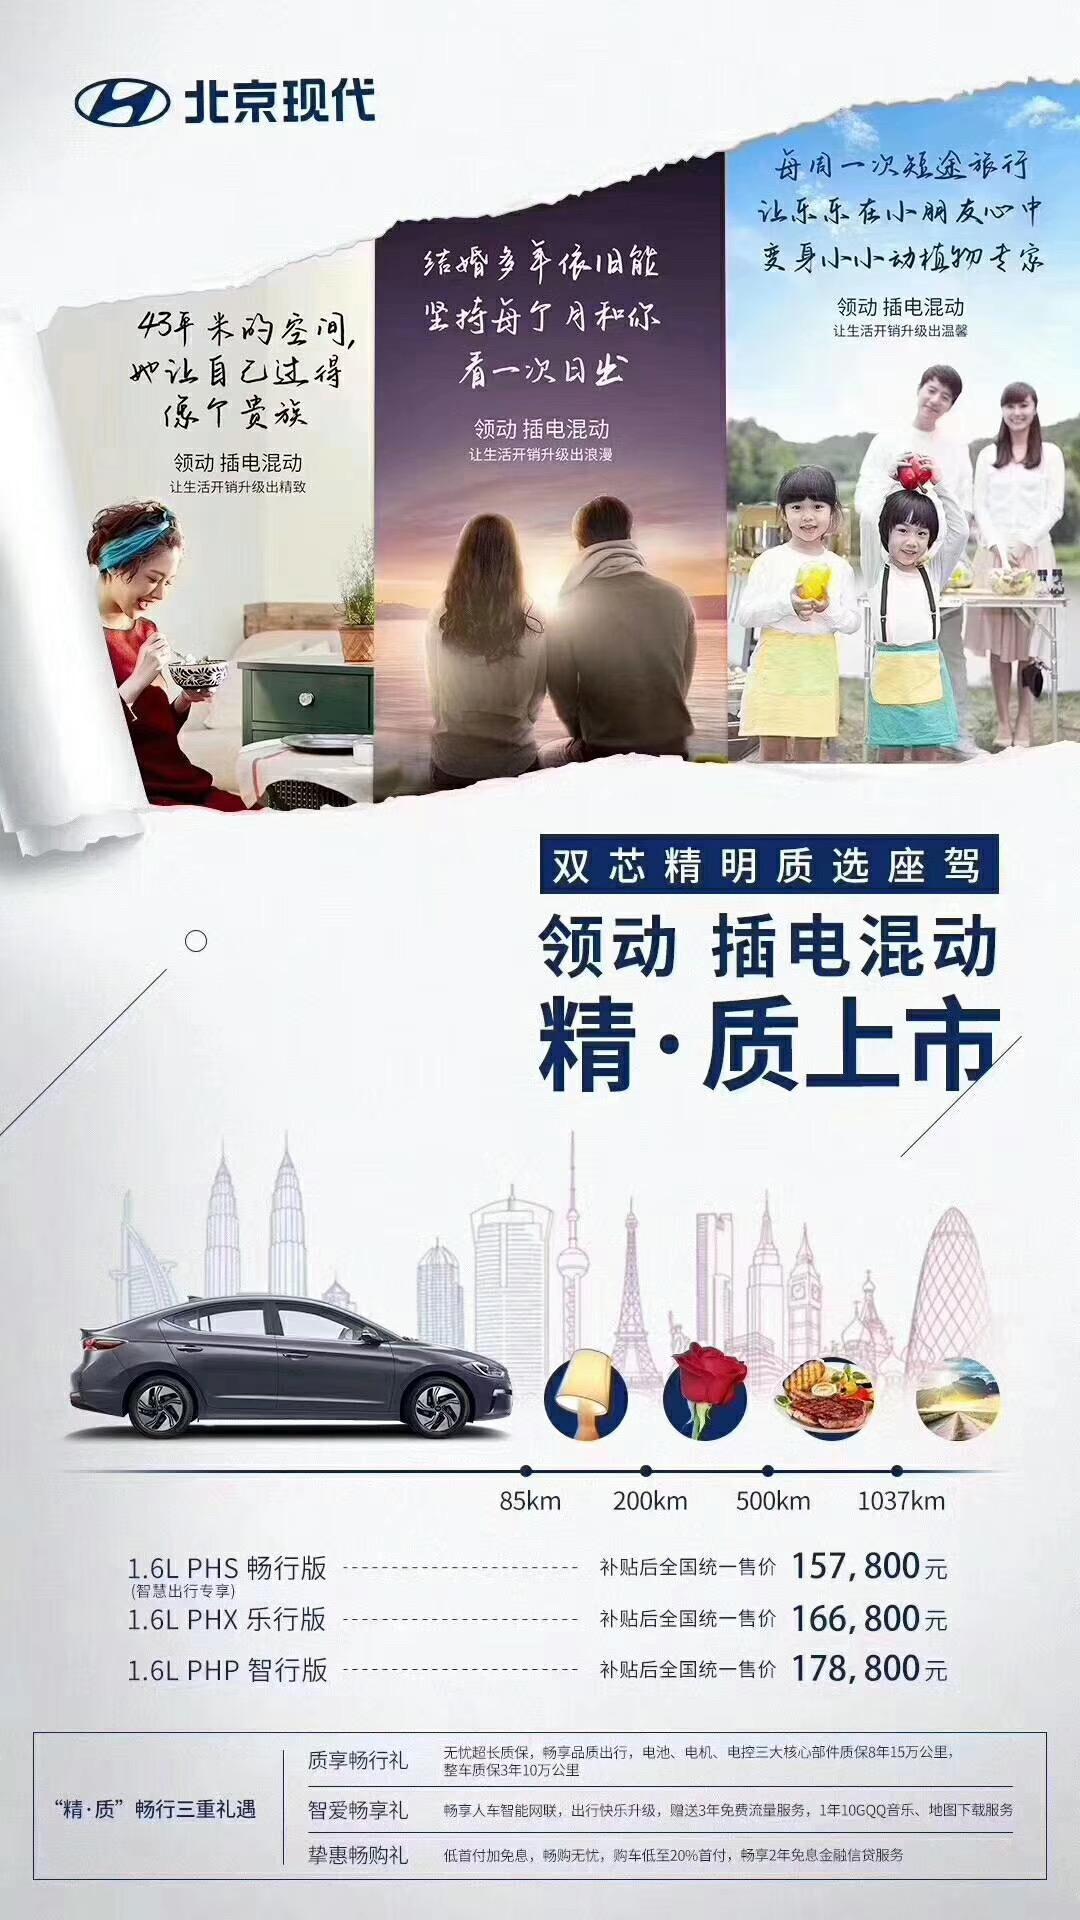 红姐日志|2019年8月15日汽车圈重要事件提醒